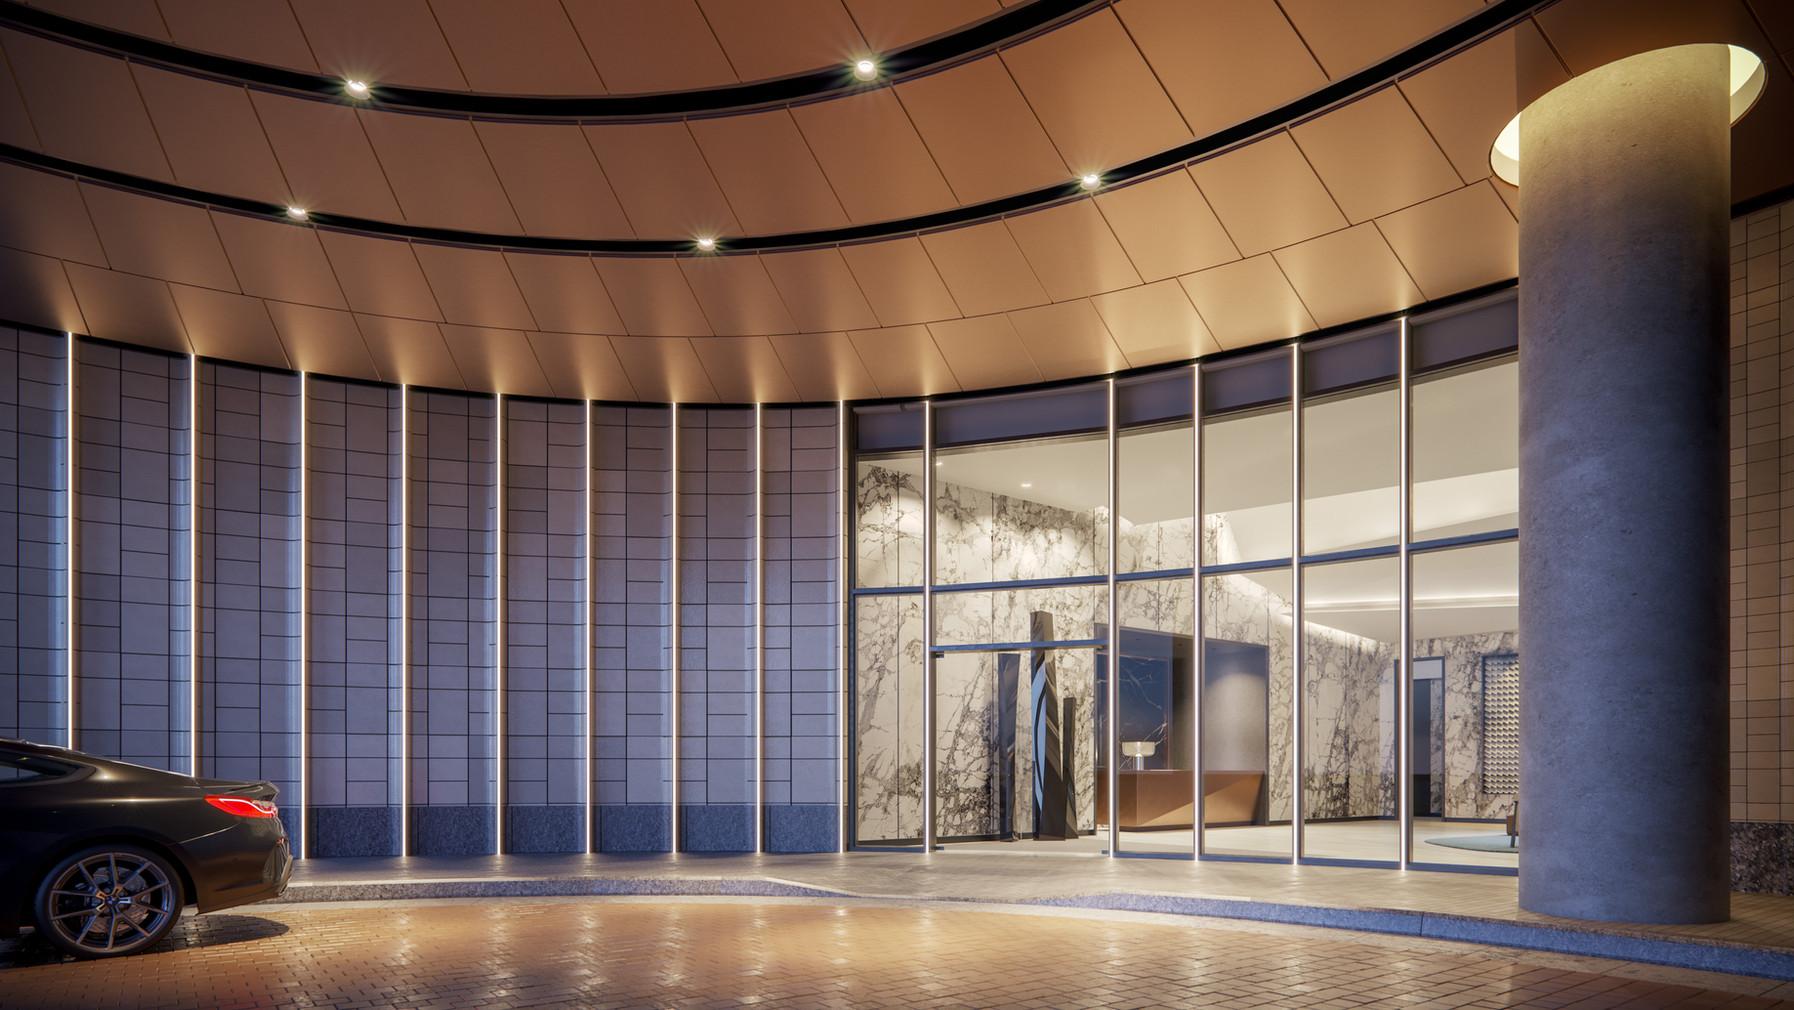 20190429_Building E Interior - L1 - Lobb